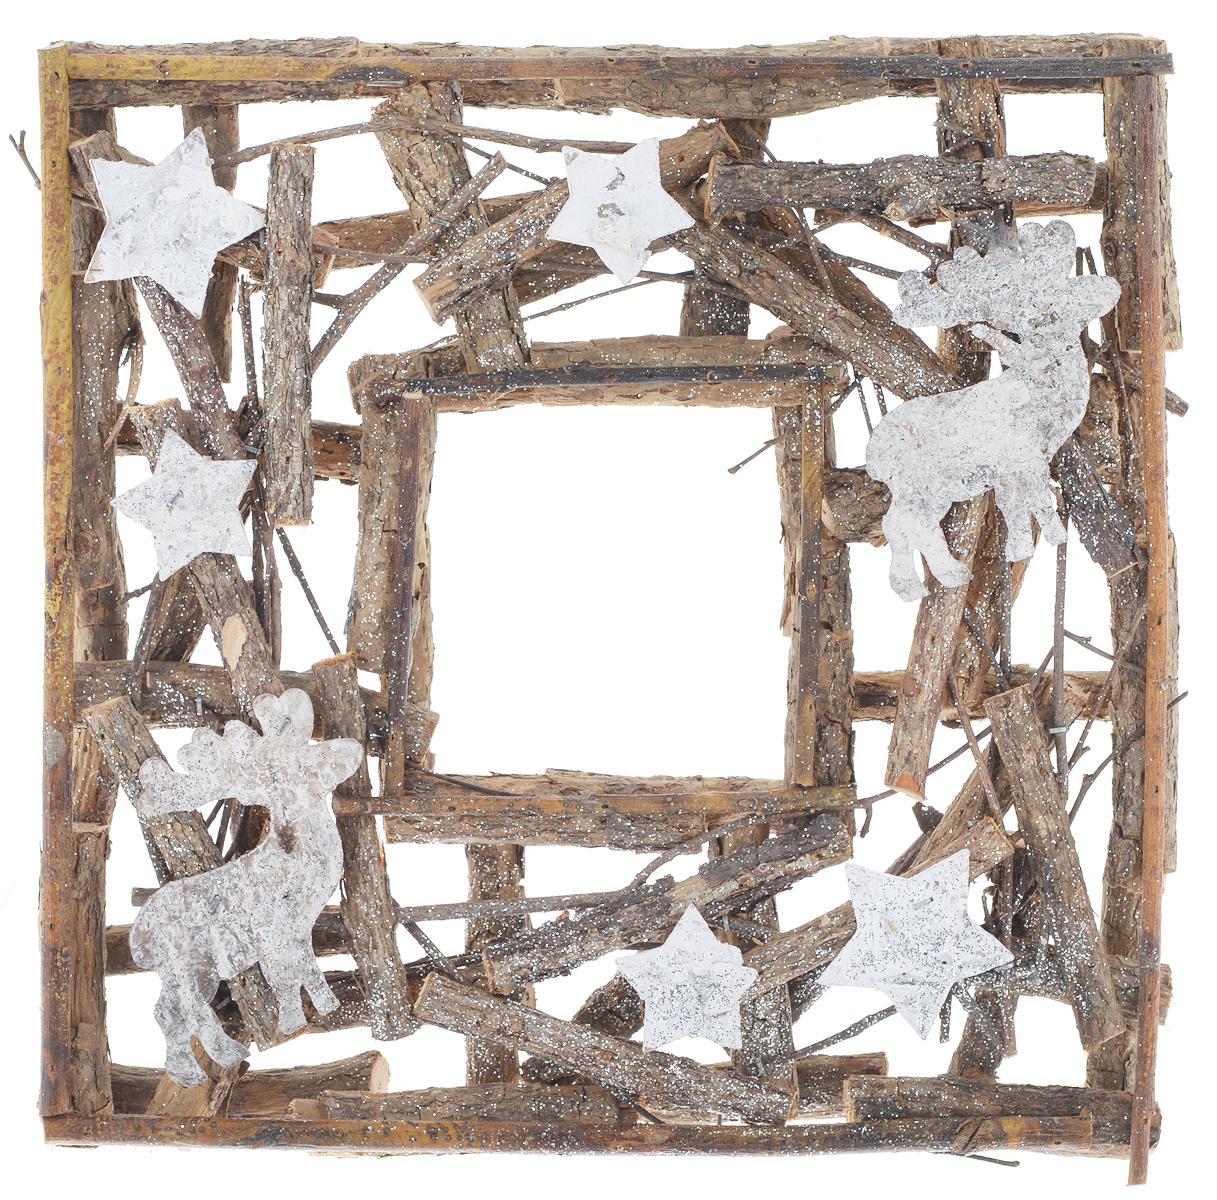 Рамка декоративная Dongjiang Art, 28 х 28 см7708947Декоративная рамка Dongjiang Art используется как основа для последующего декорирования. Изделие изготовлено из деревянного каркаса и украшено блестками. Вы можете также украсить рамку лентами, фигурками, красивыми бусинами, цветной бумагой или другими материалами. Вы получите наслаждение от творчества и удивительно красивое украшение для вашего интерьера или замечательный подарок для близких людей!